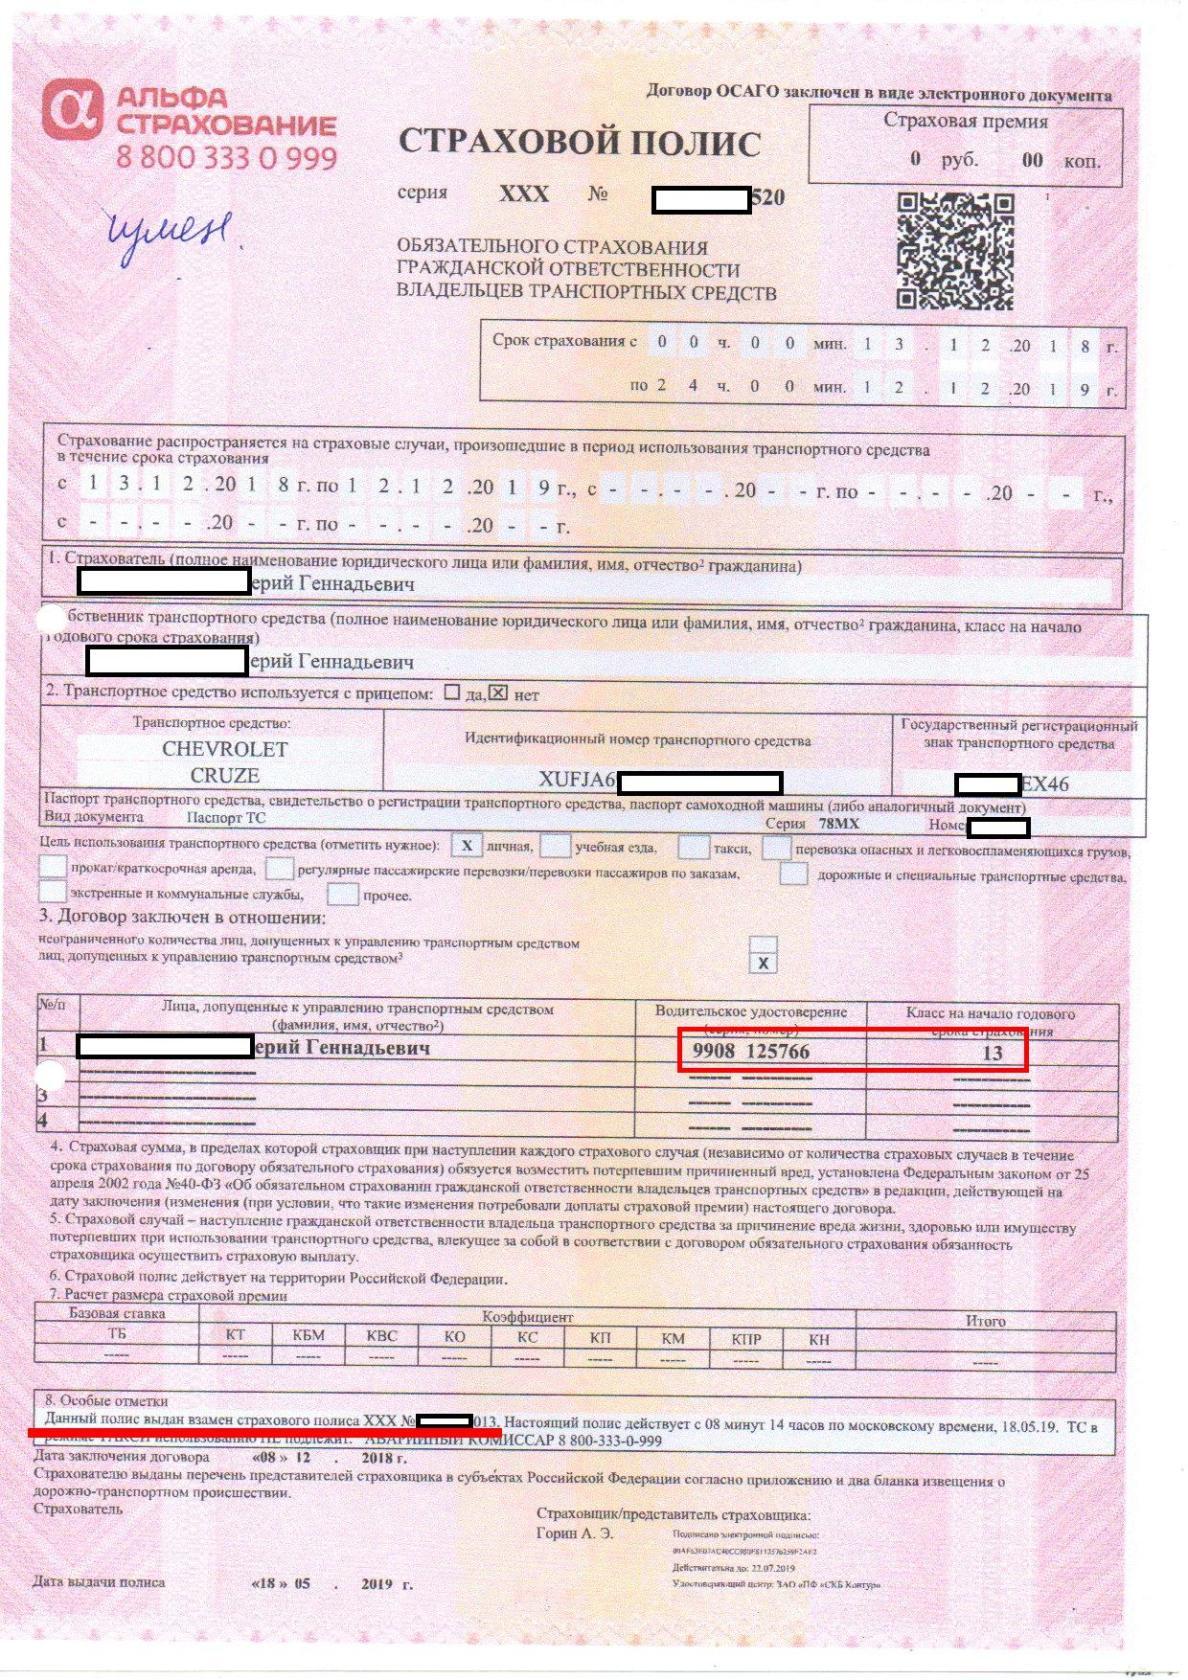 http://kursk2009.ucoz.ru/prava/alfastrakhovanie_2.jpg